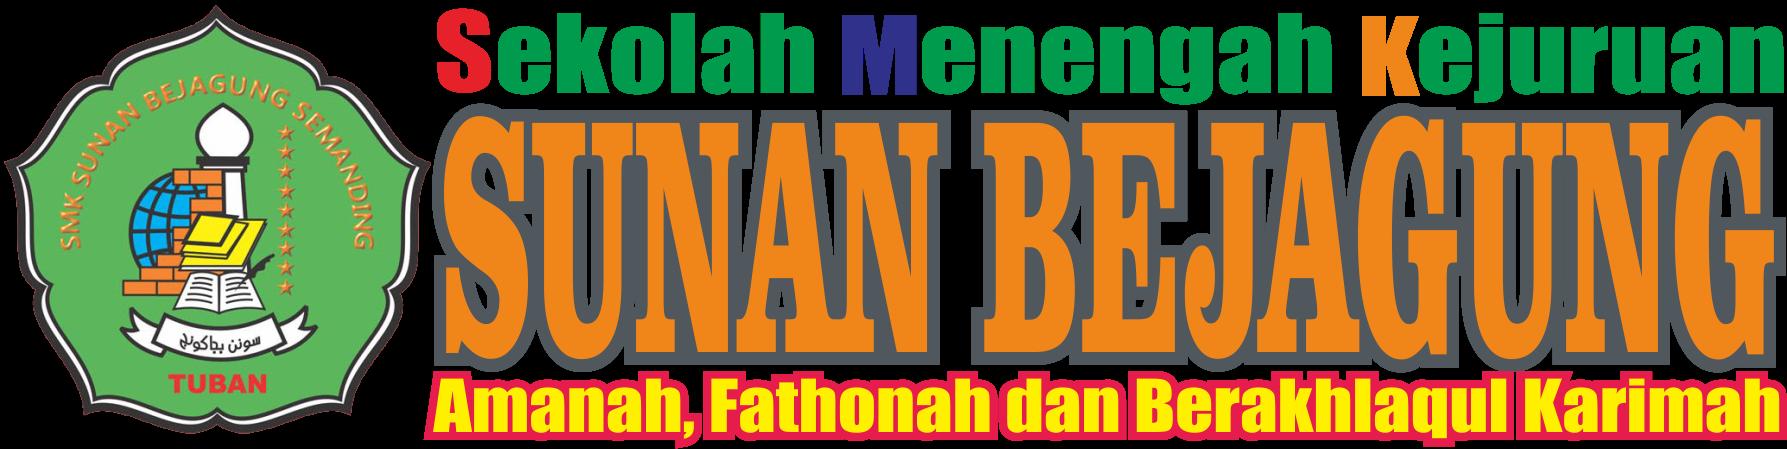 SMK Sunan Bejagung